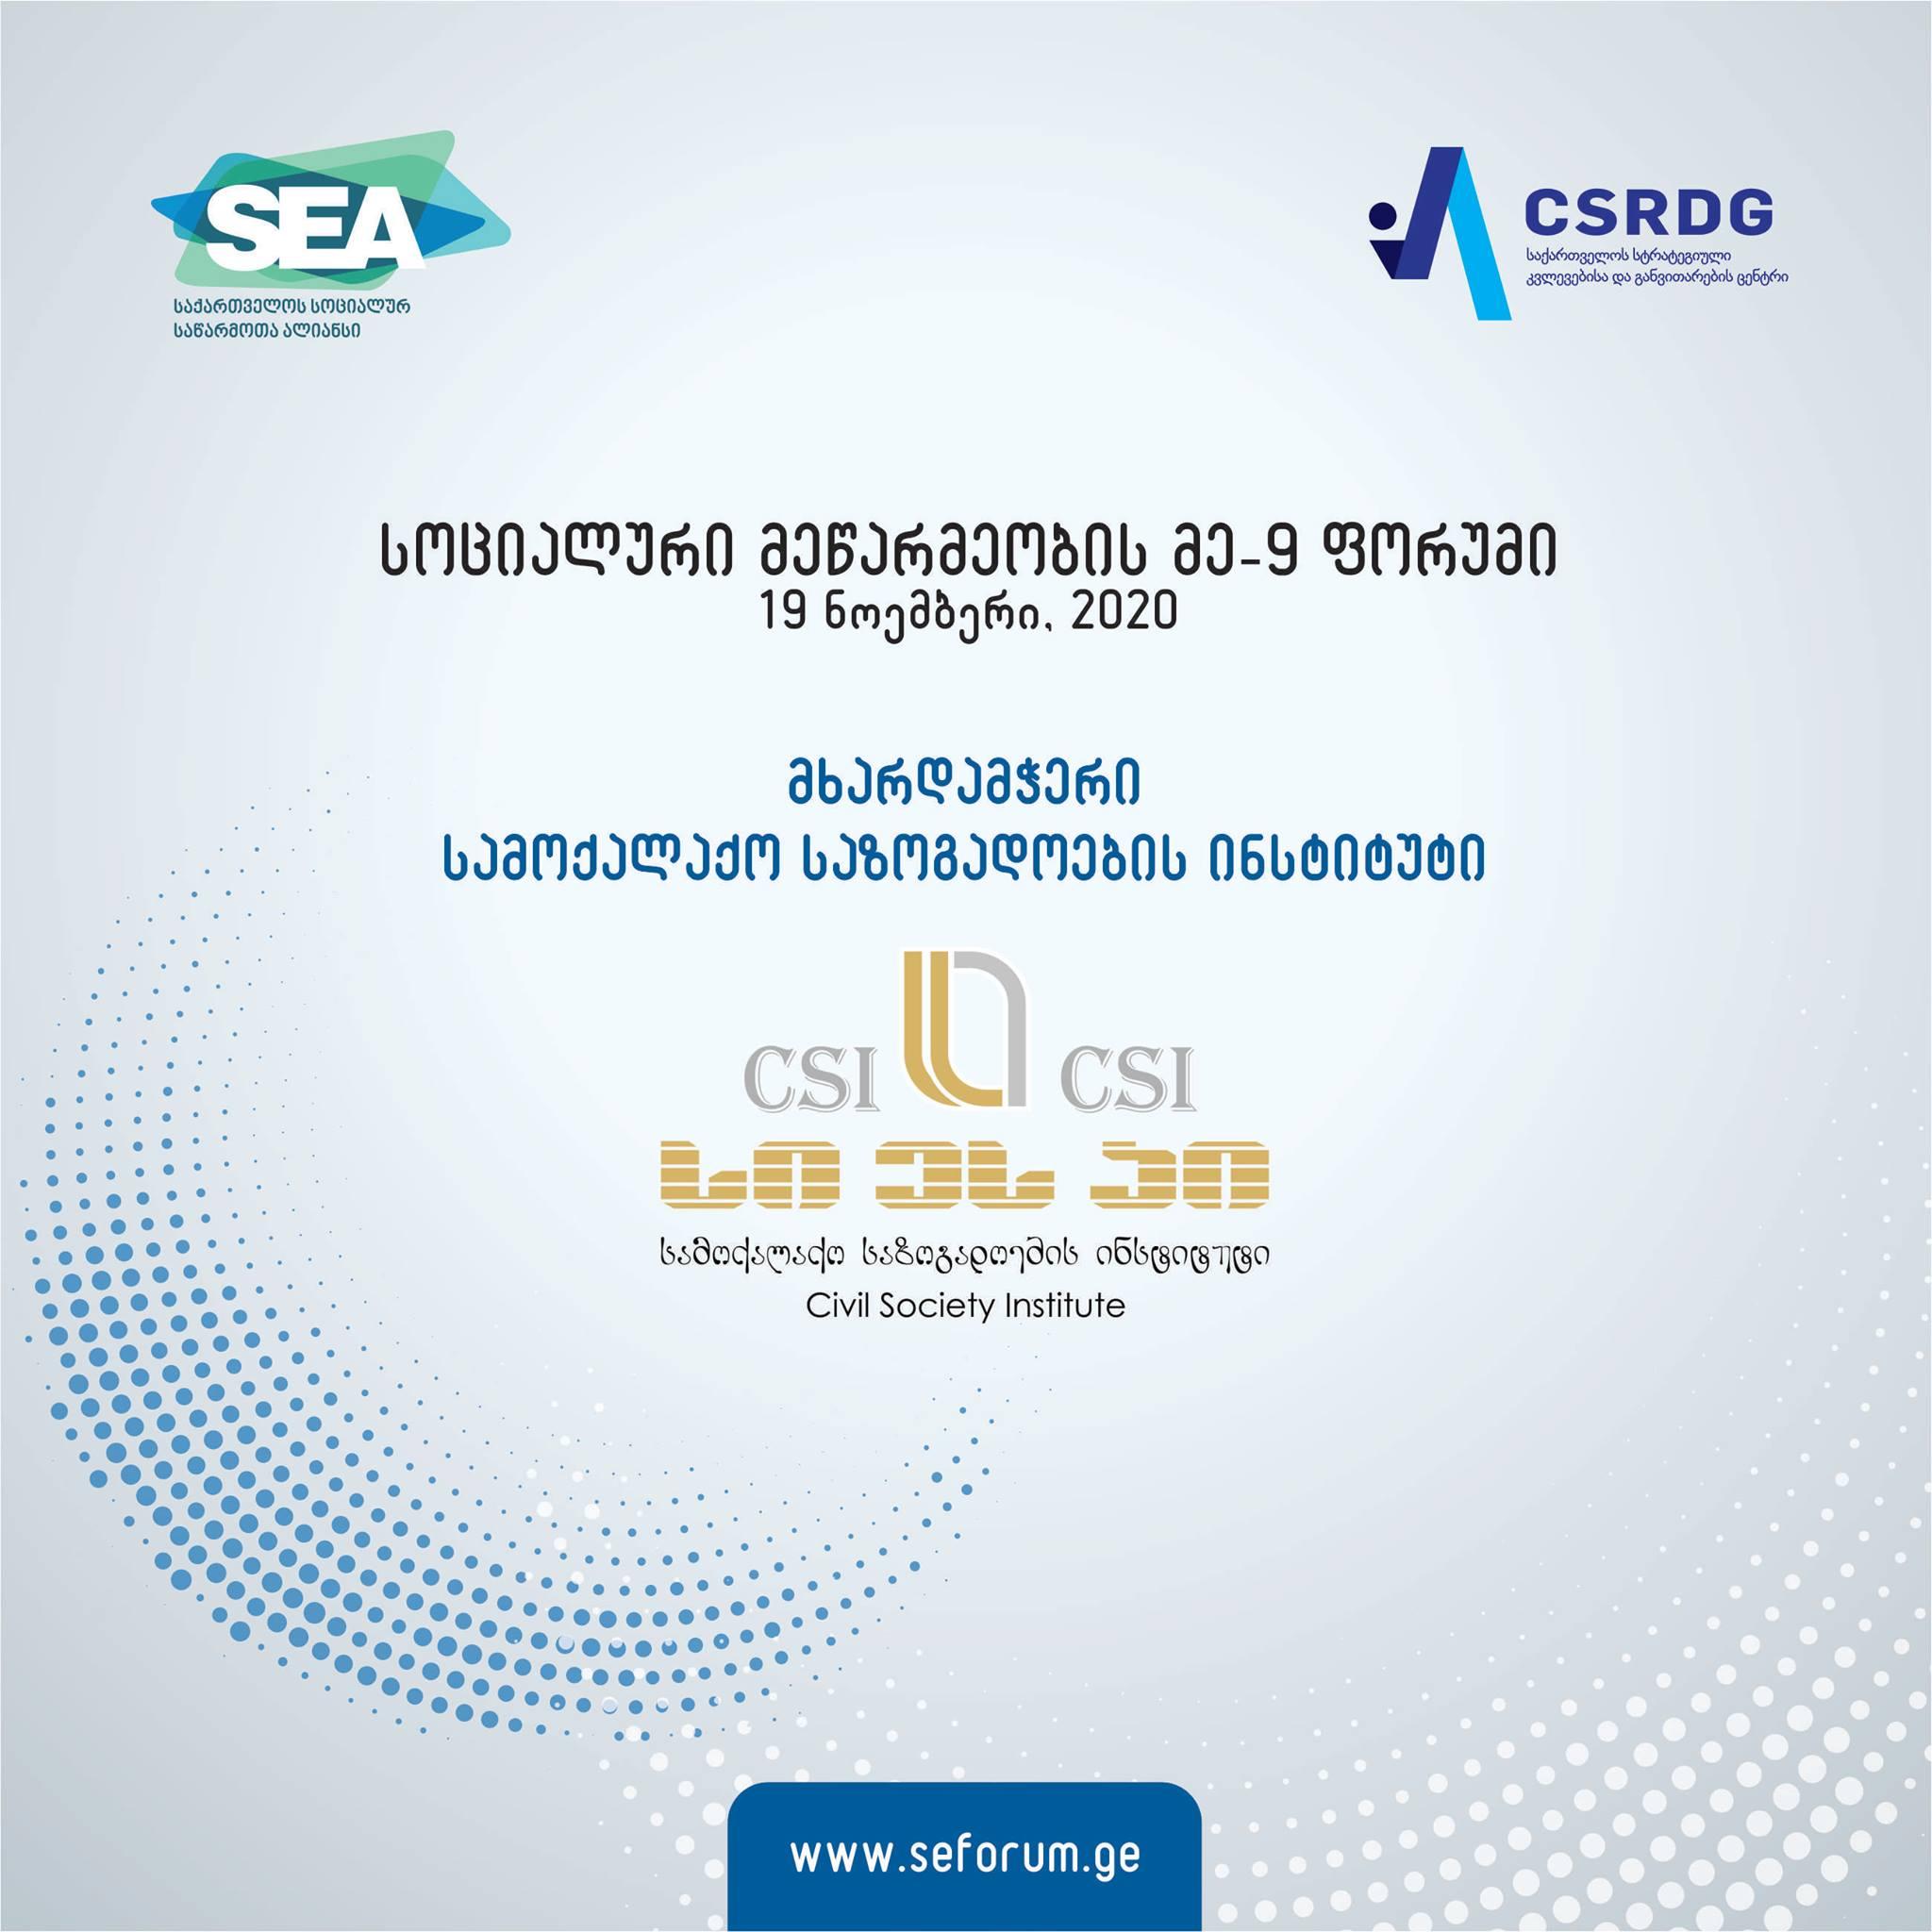 Social Entrepreneurship Forum 2020